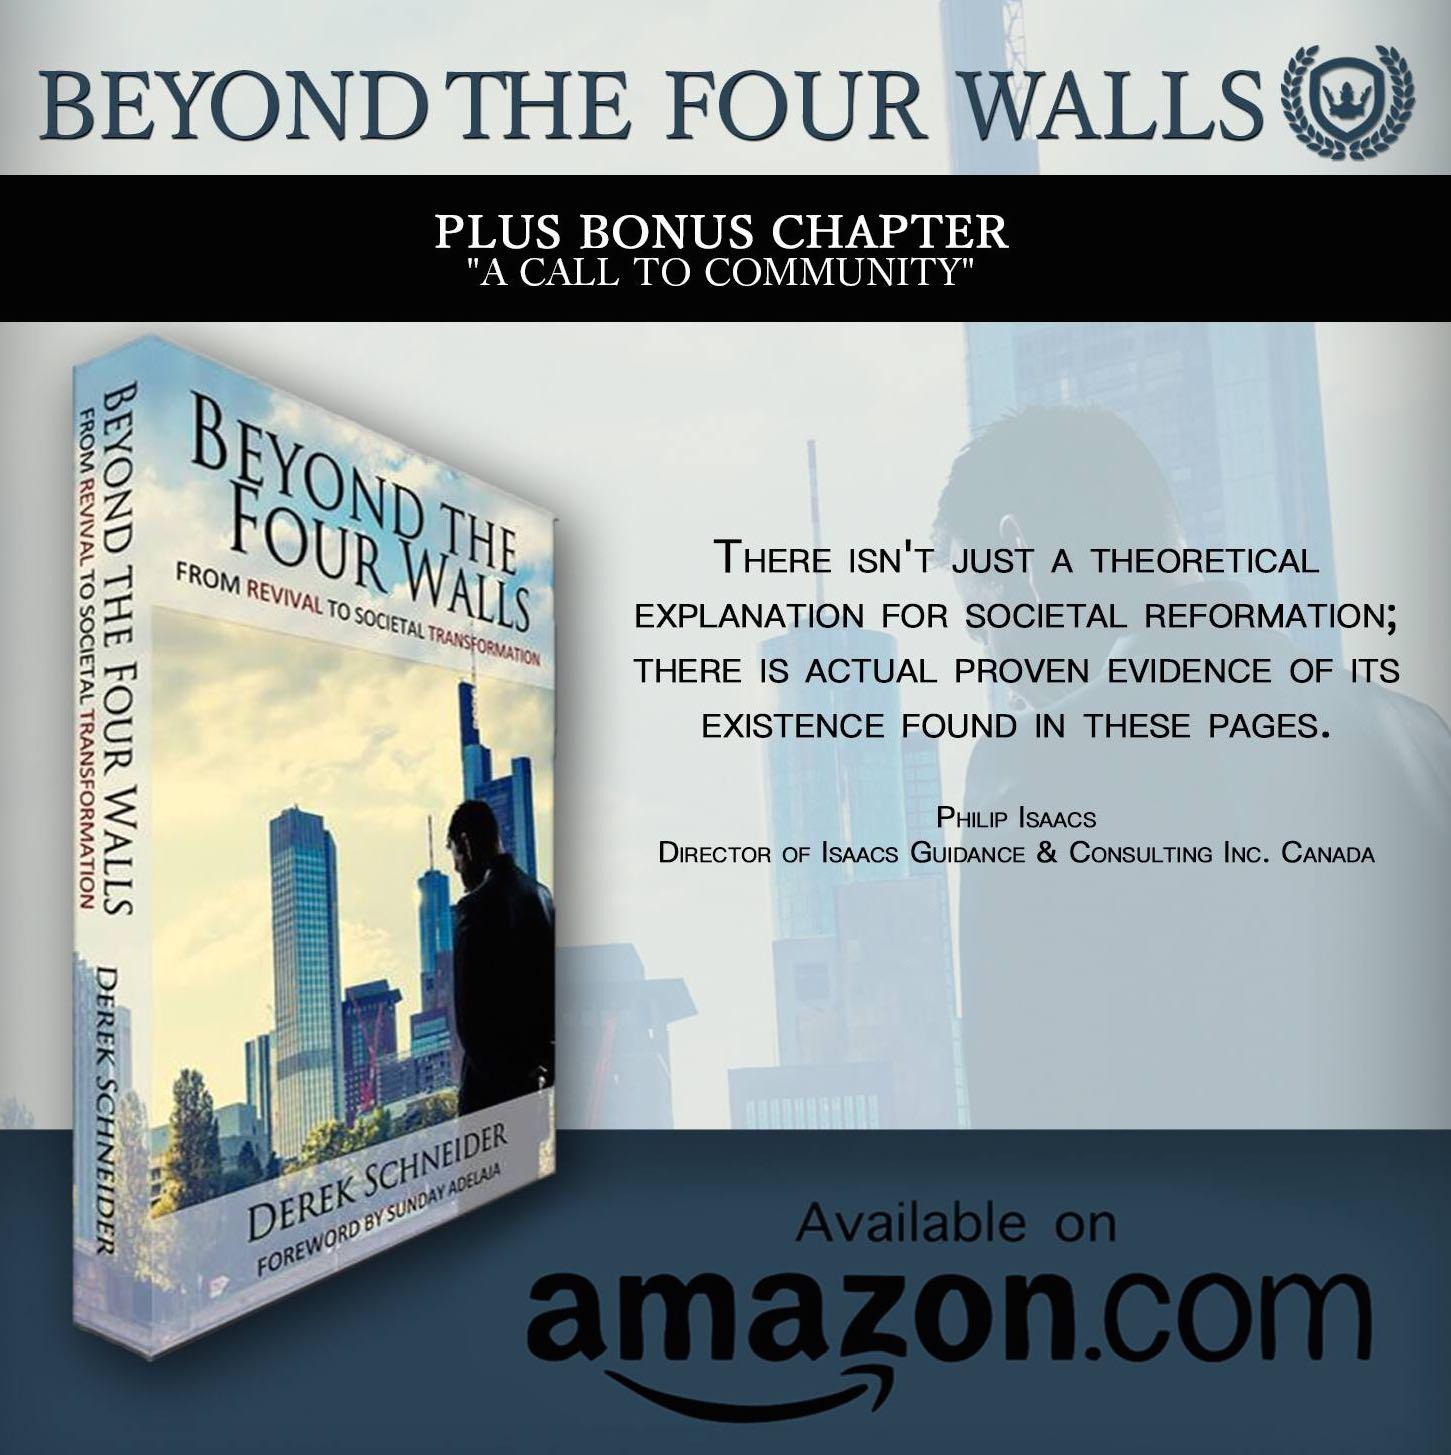 Beyond the four walls - Derek Schneider